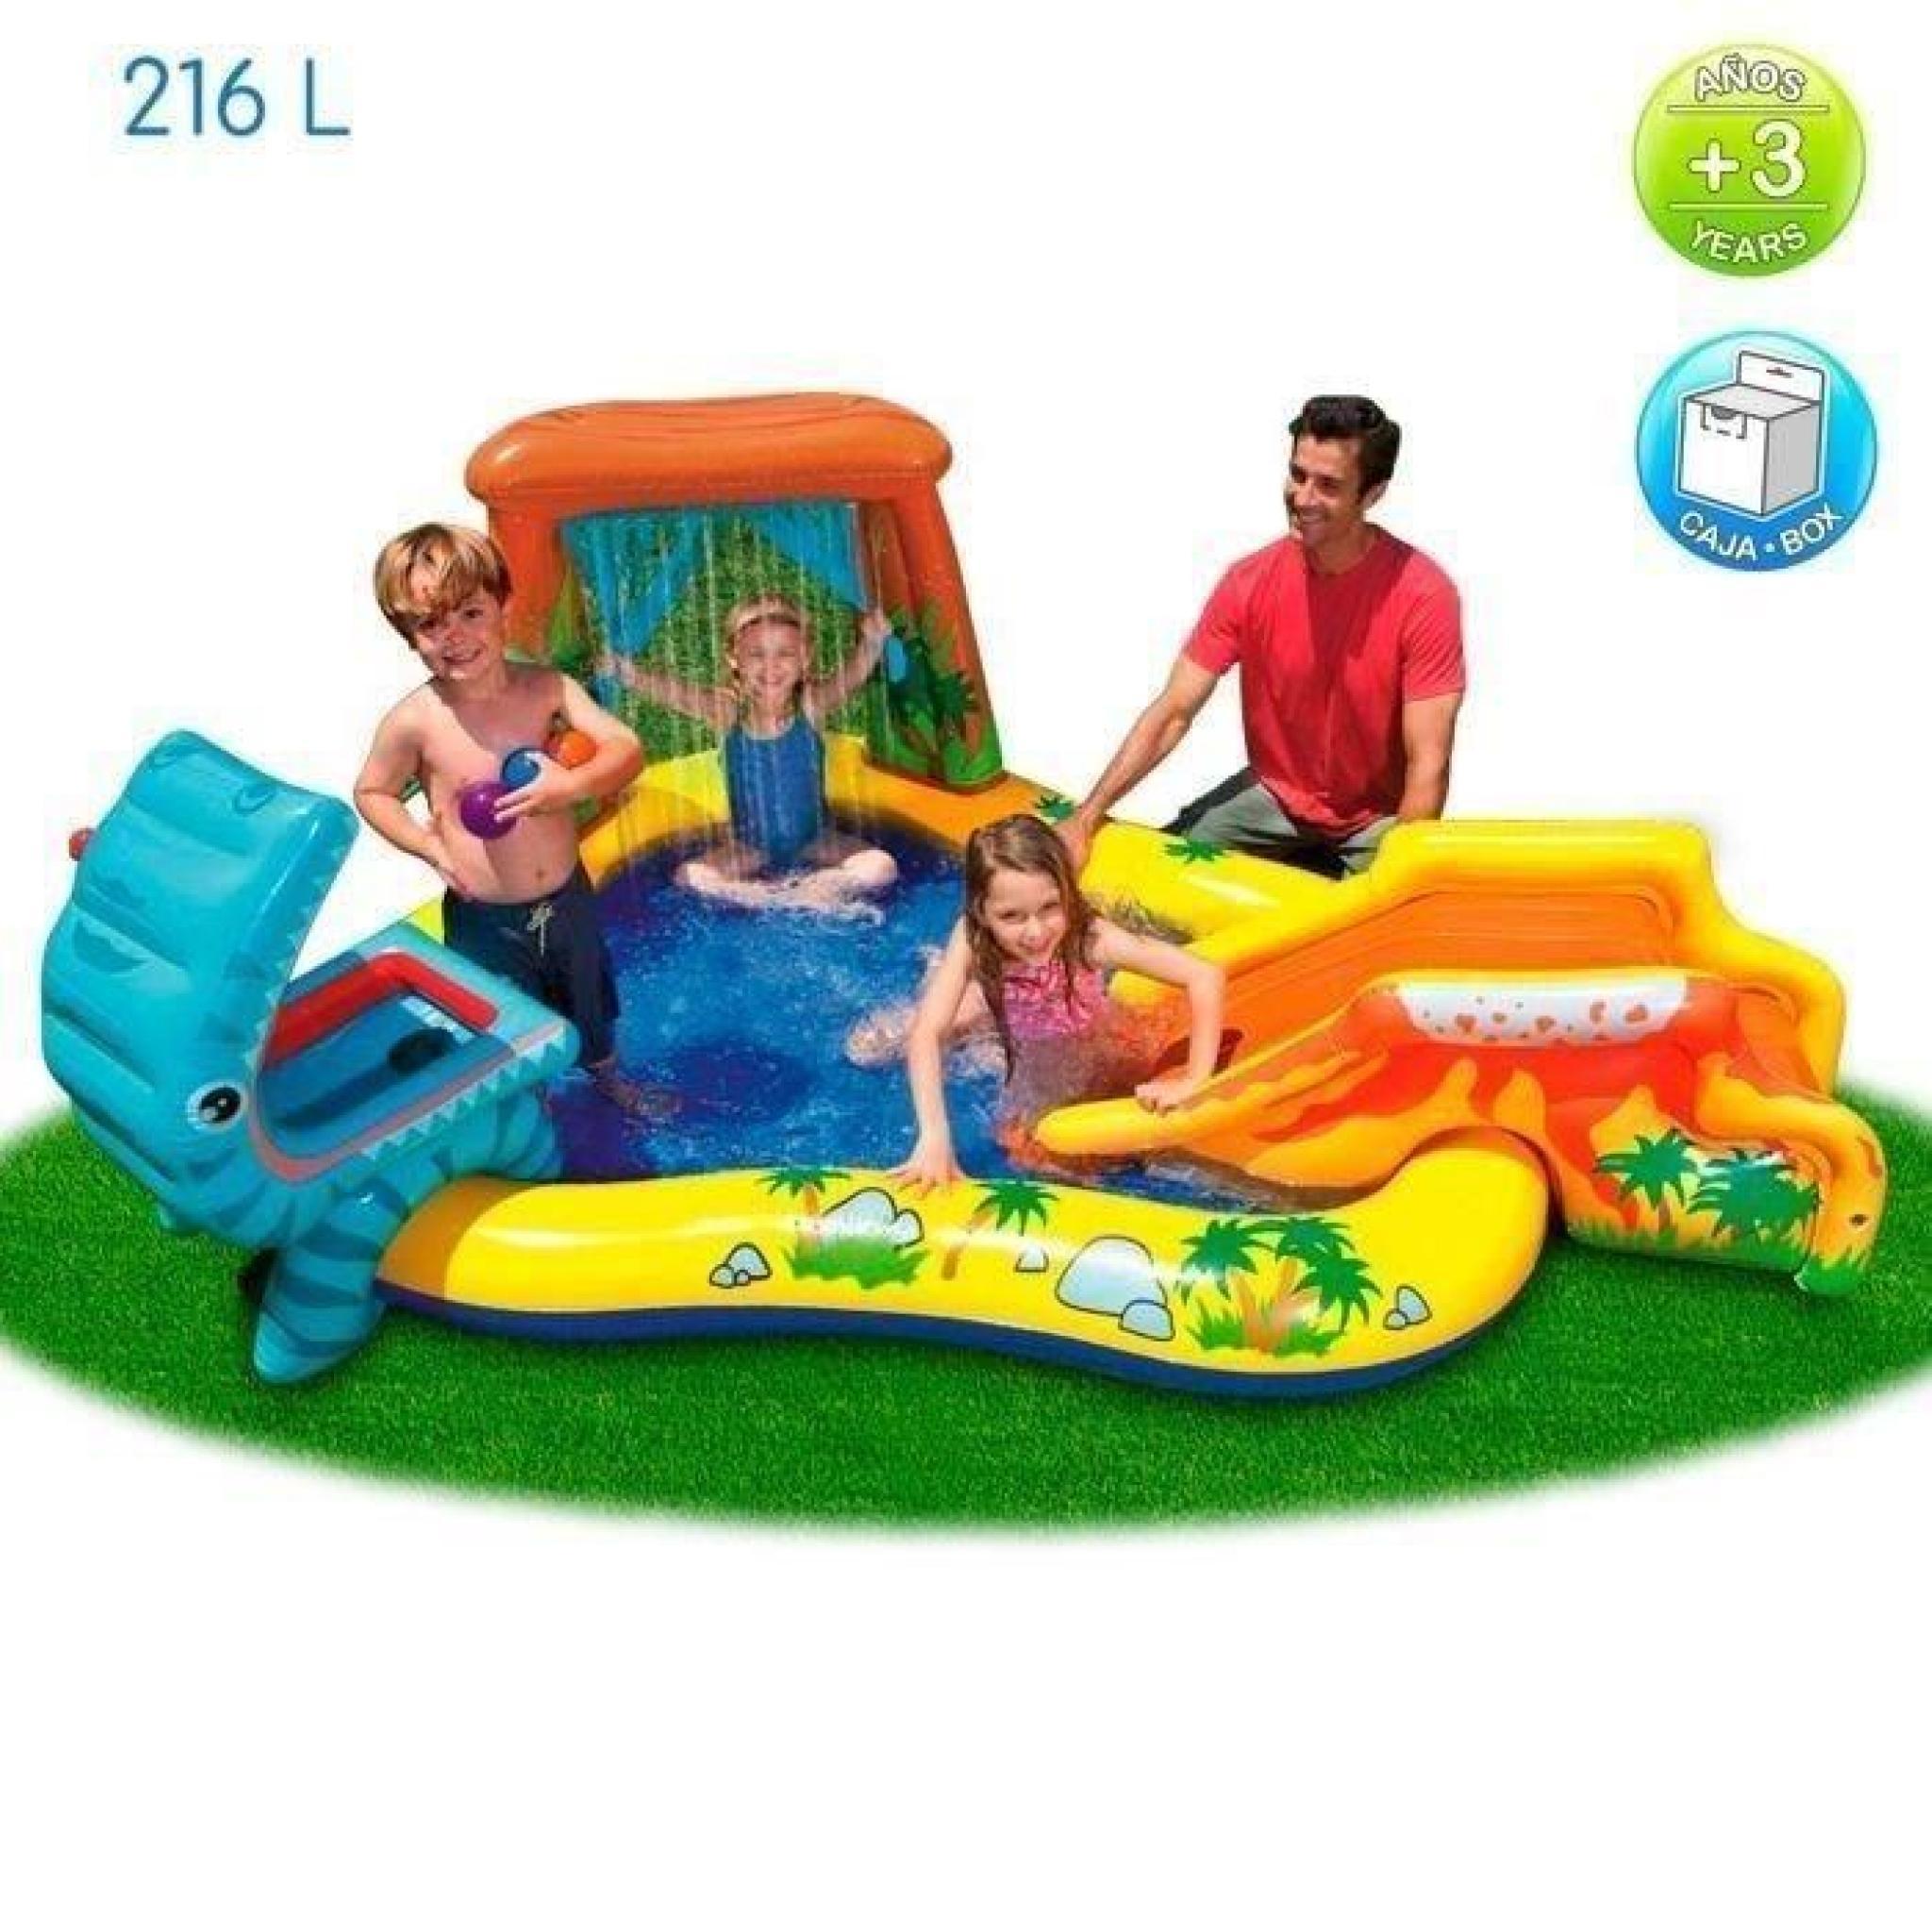 Intex Piscine Gonflable Enfant / Aire De Jeux Aquatique 297 X 193 X 135 Cm  Rainbow Avec Toboggan, Sprayer, Anneaux Gonflables Et Bal encequiconcerne Piscine Intex Enfant